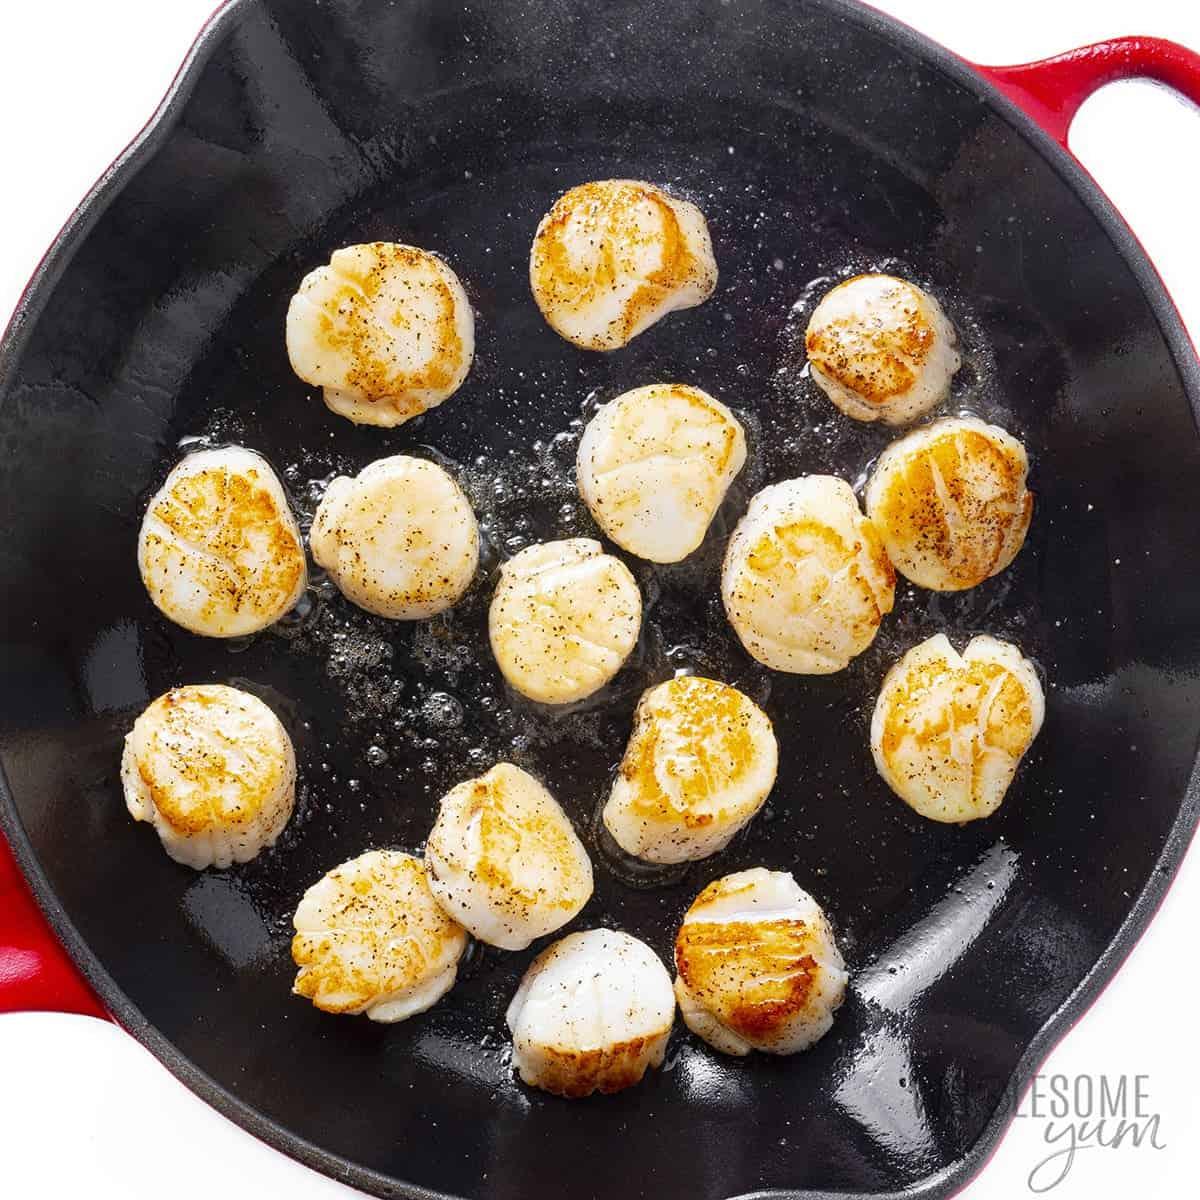 Seared sea scallops in a skillet